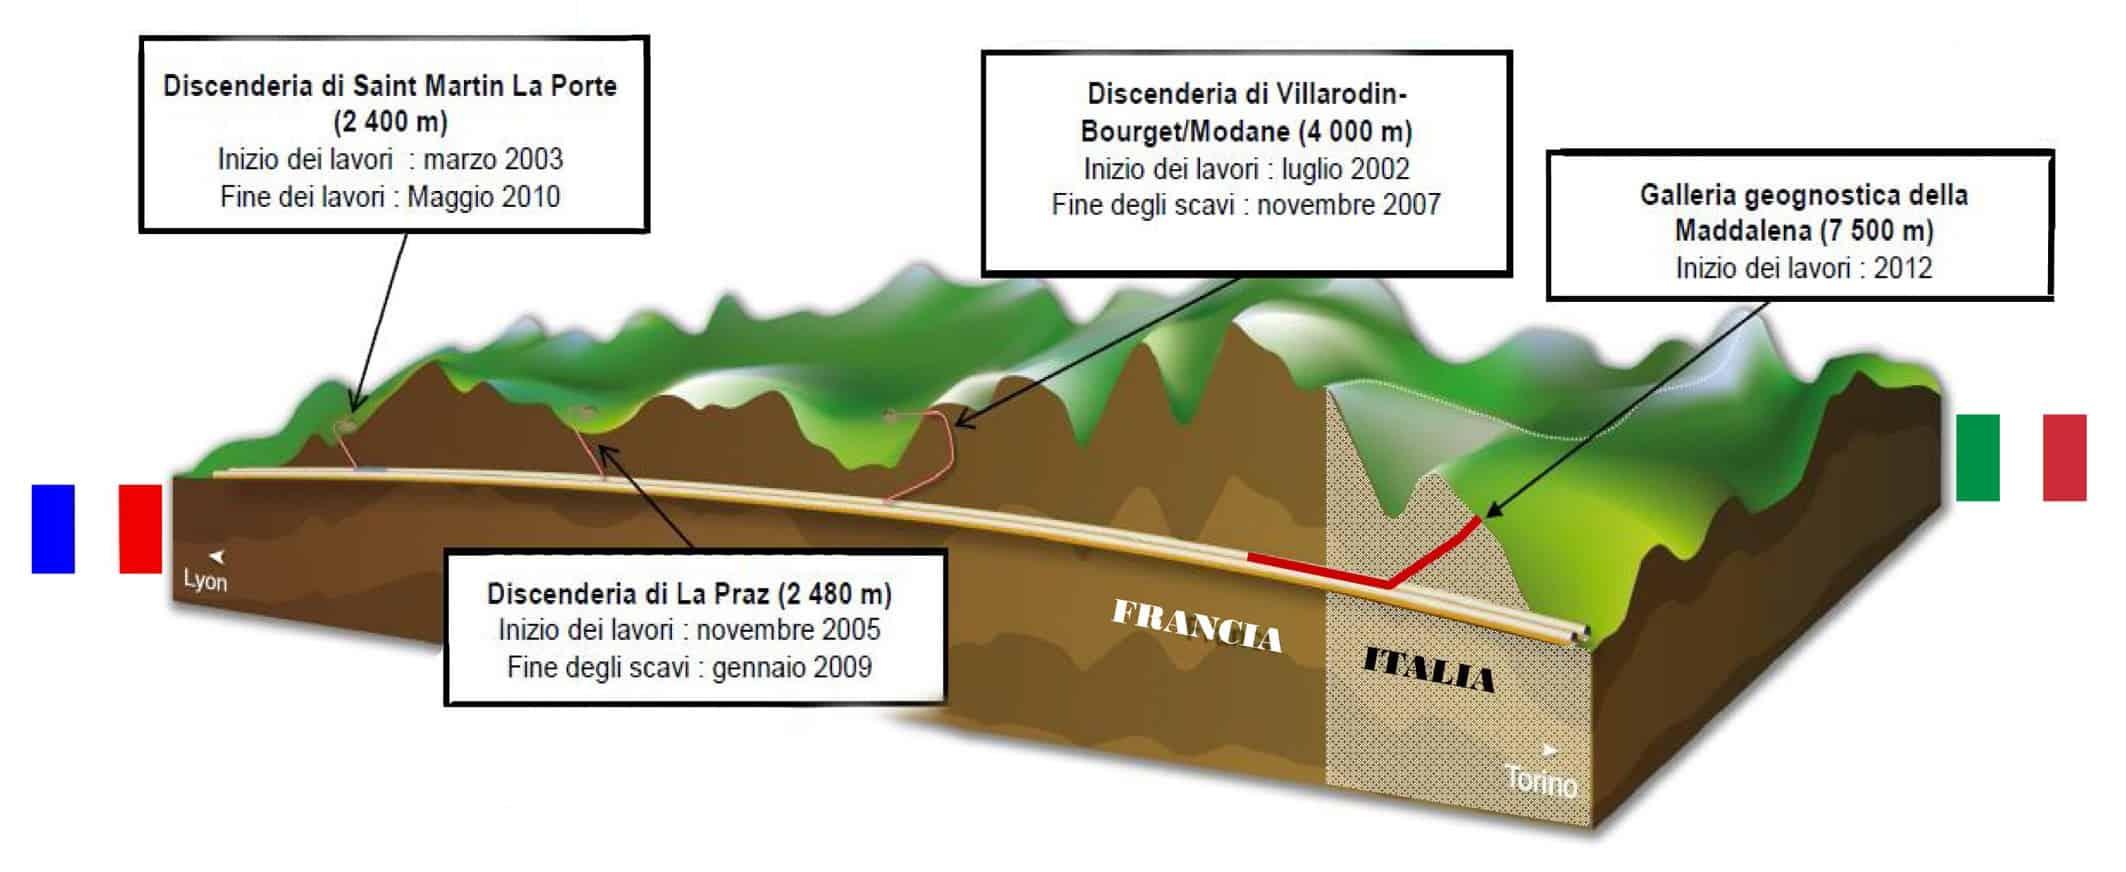 Tre discenderie in Francia e una sola in Italia: il tunnel di base si sviluppa per 3/4 in territorio francese e solo per 1/4 in Italia